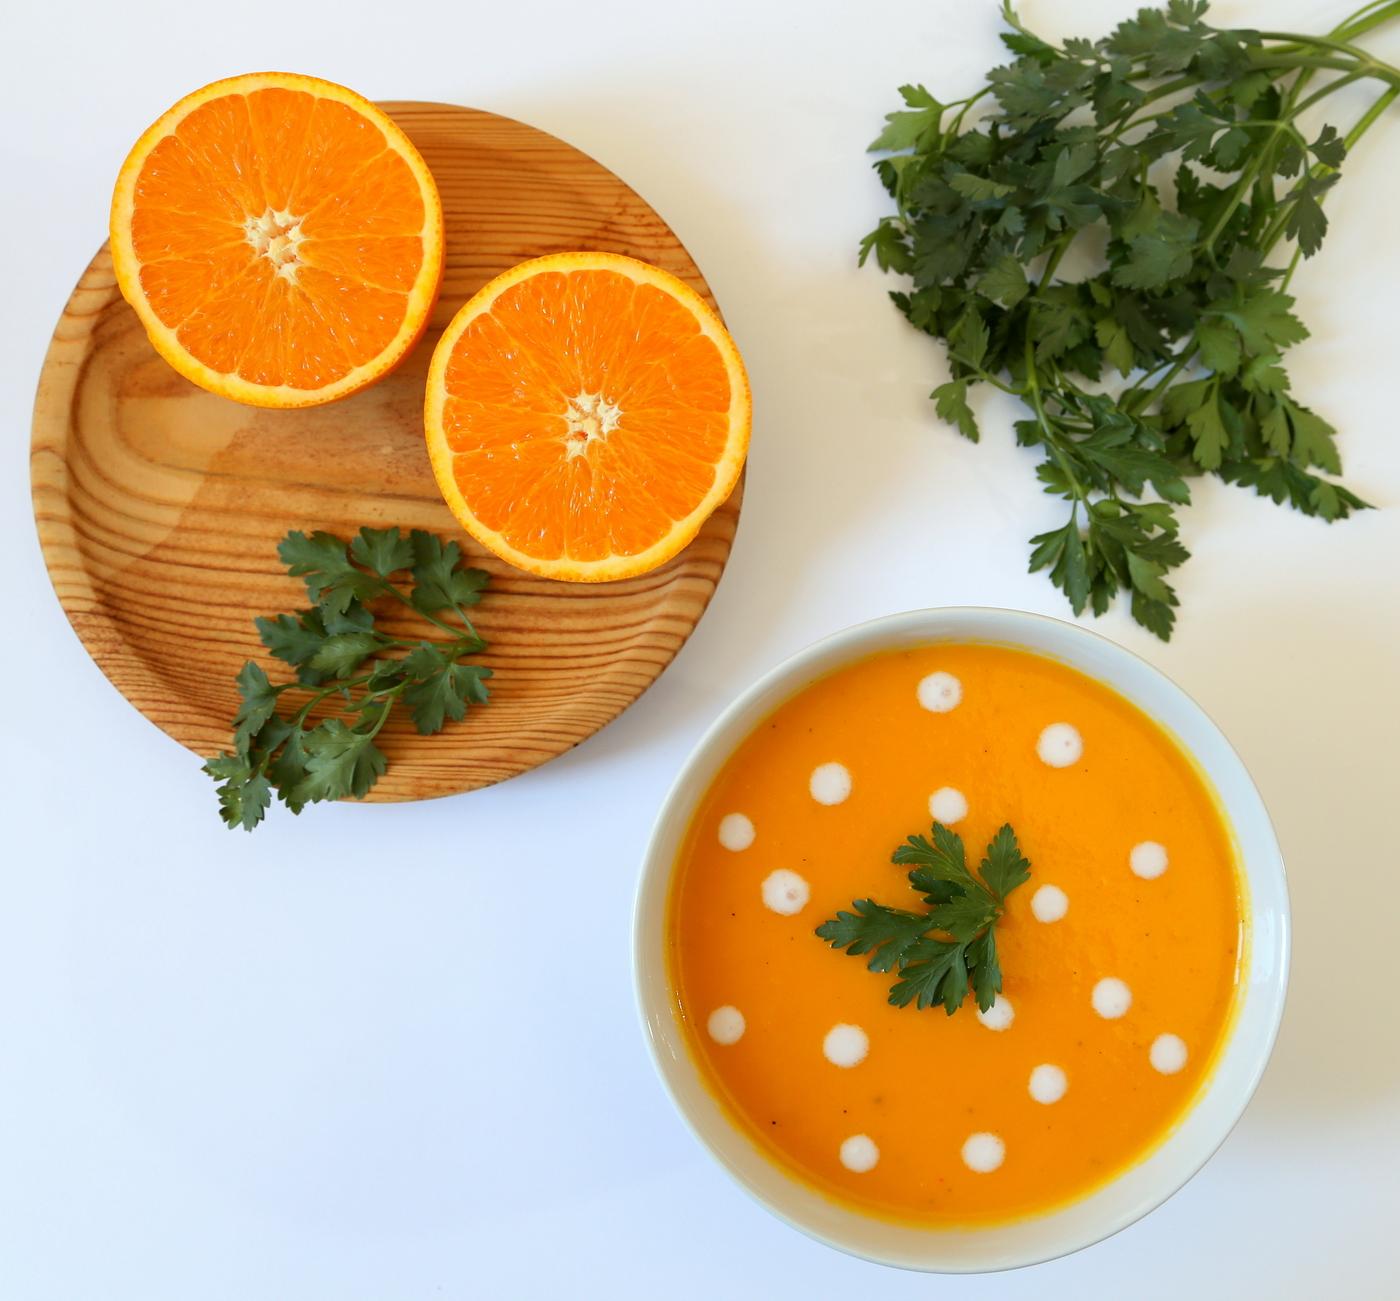 Velouté carottes oranges 1